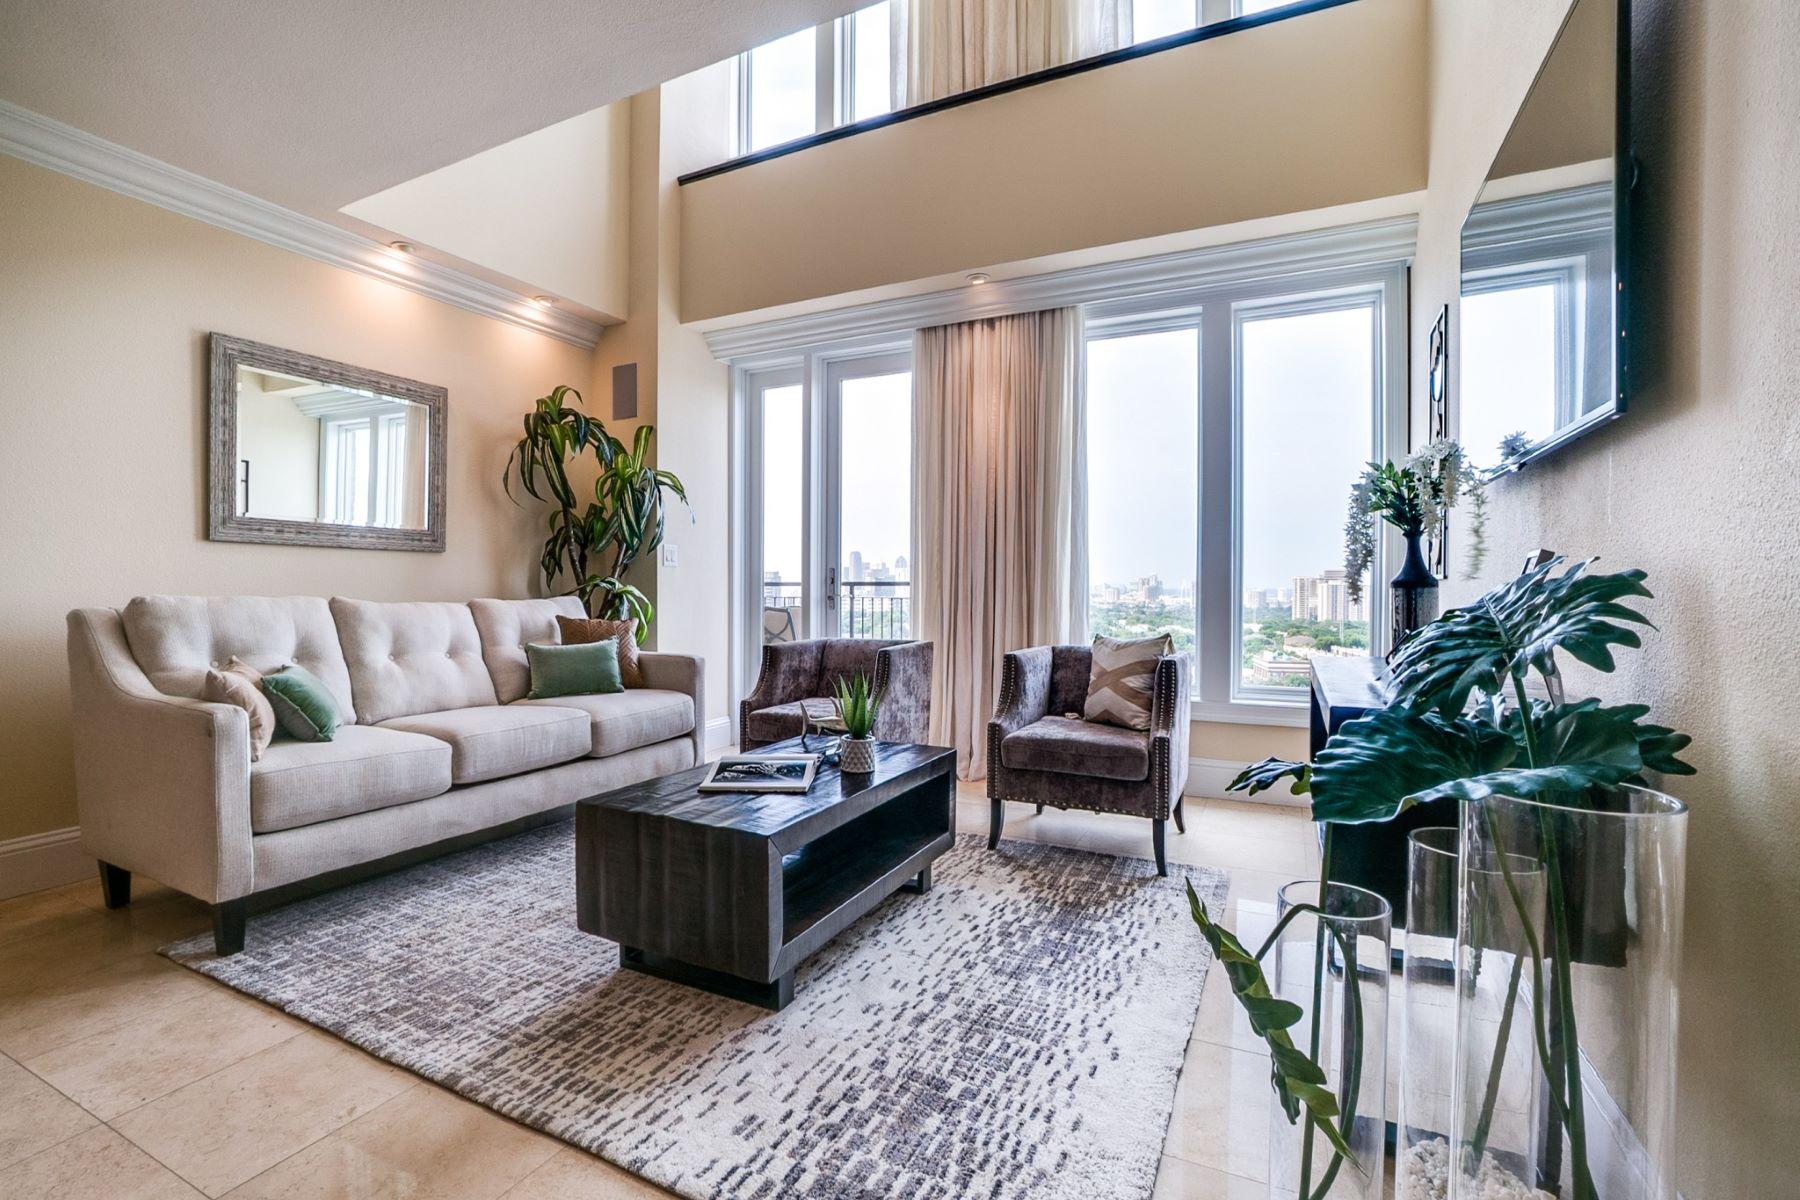 Property للـ Sale في Chic Condo in the Heart of Dallas 4611 Travis Street #1105B, Dallas, Texas 75205 United States